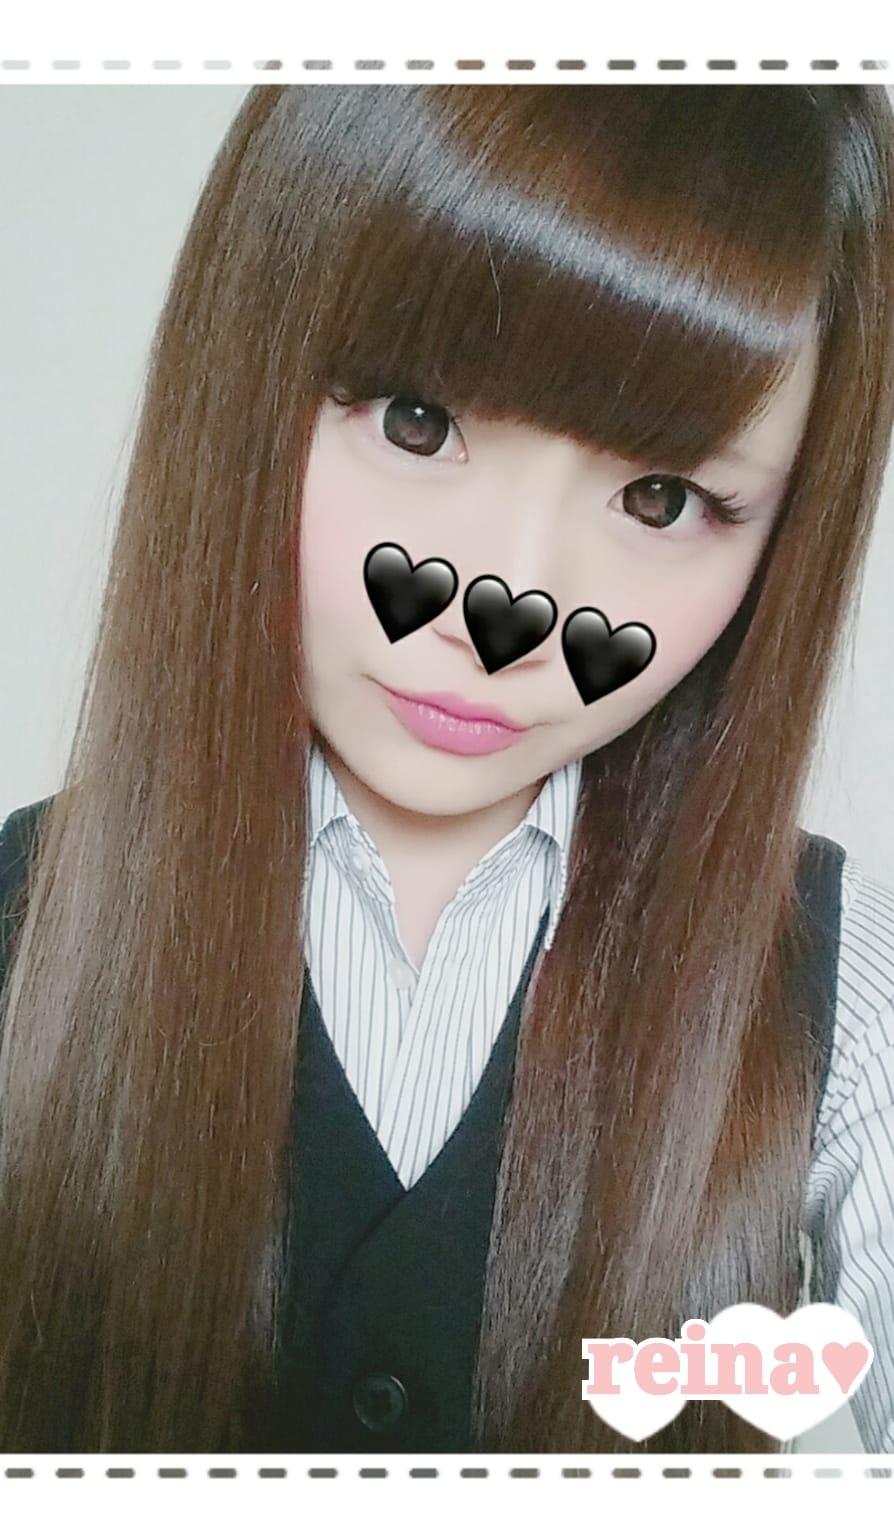 「♡最終日♡」11/25(11/25) 20:36 | 加賀美 れいなの写メ・風俗動画